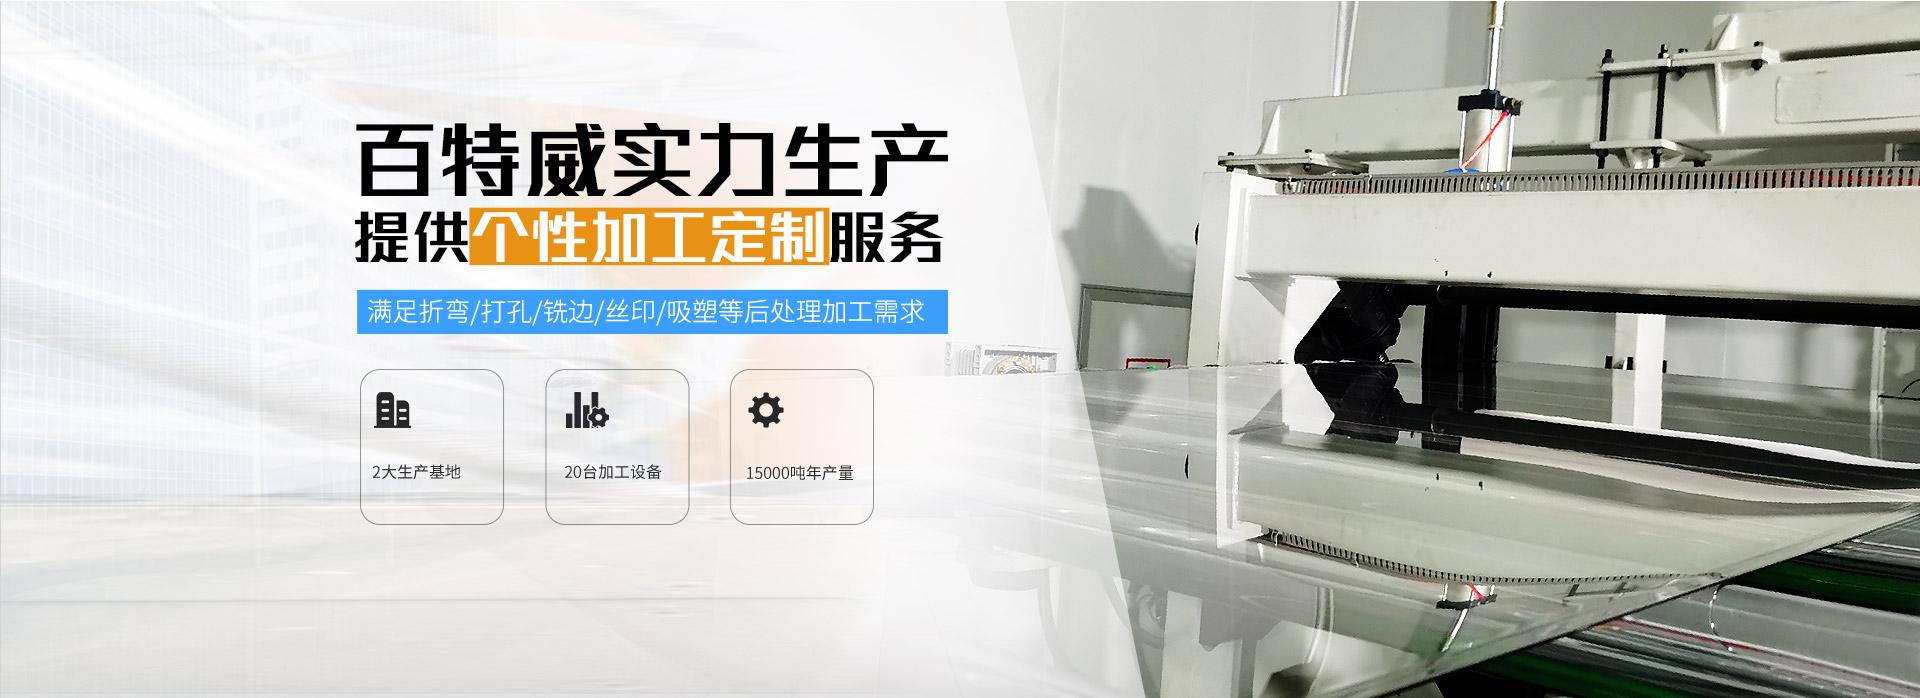 百特威实力生产提供个性加工定制服务